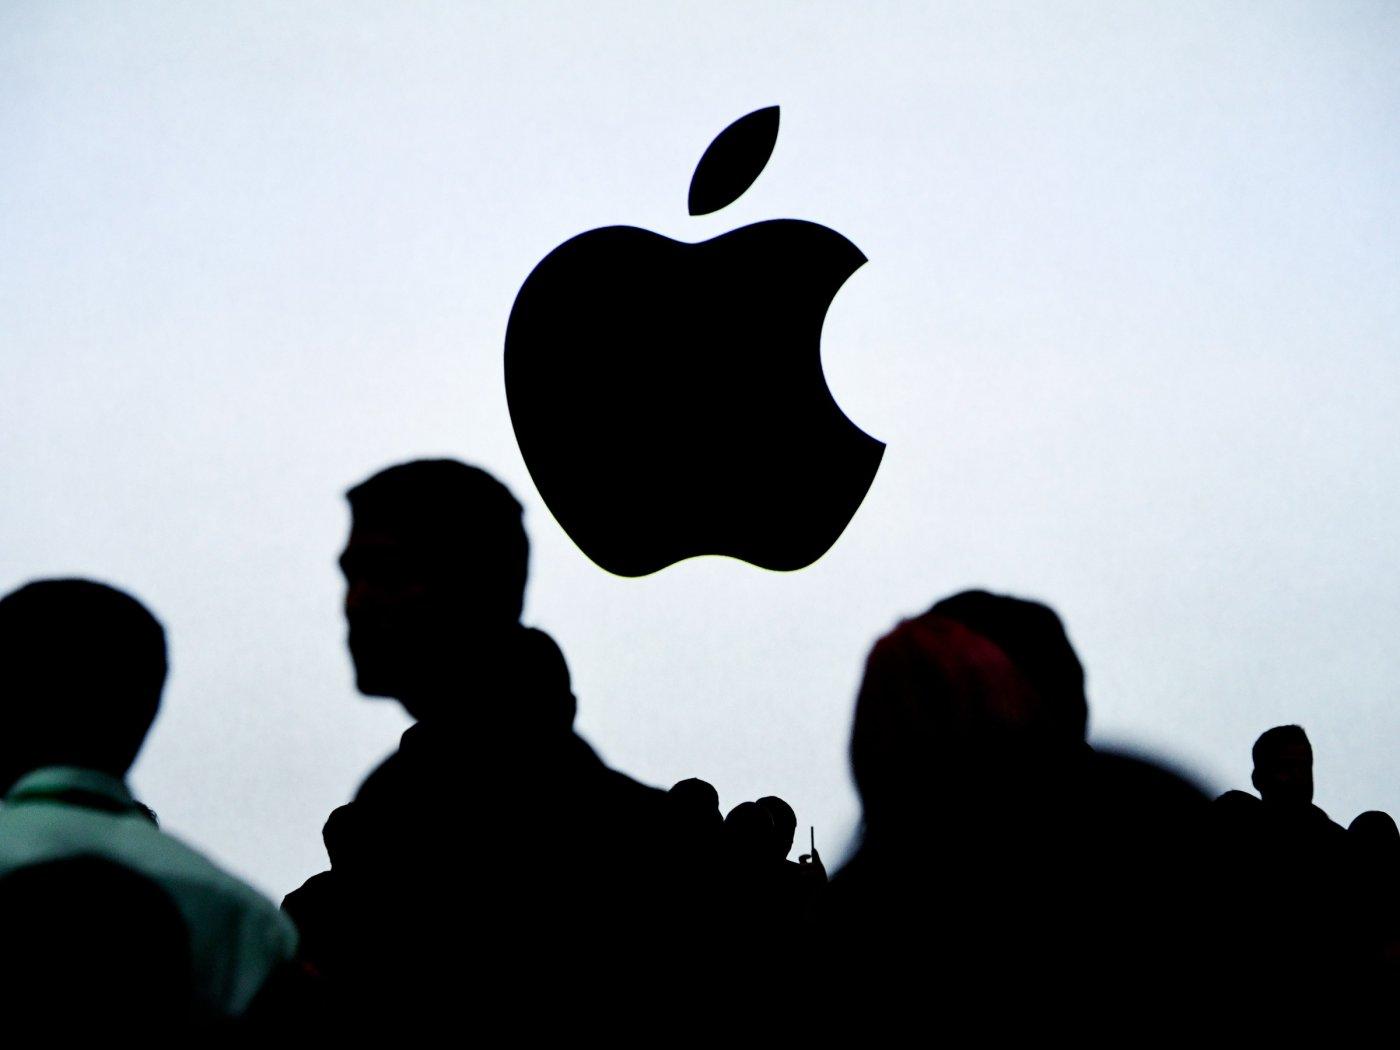 اپل با عبور از «آرامکو» ارزشمندترین شرکت جهان شد